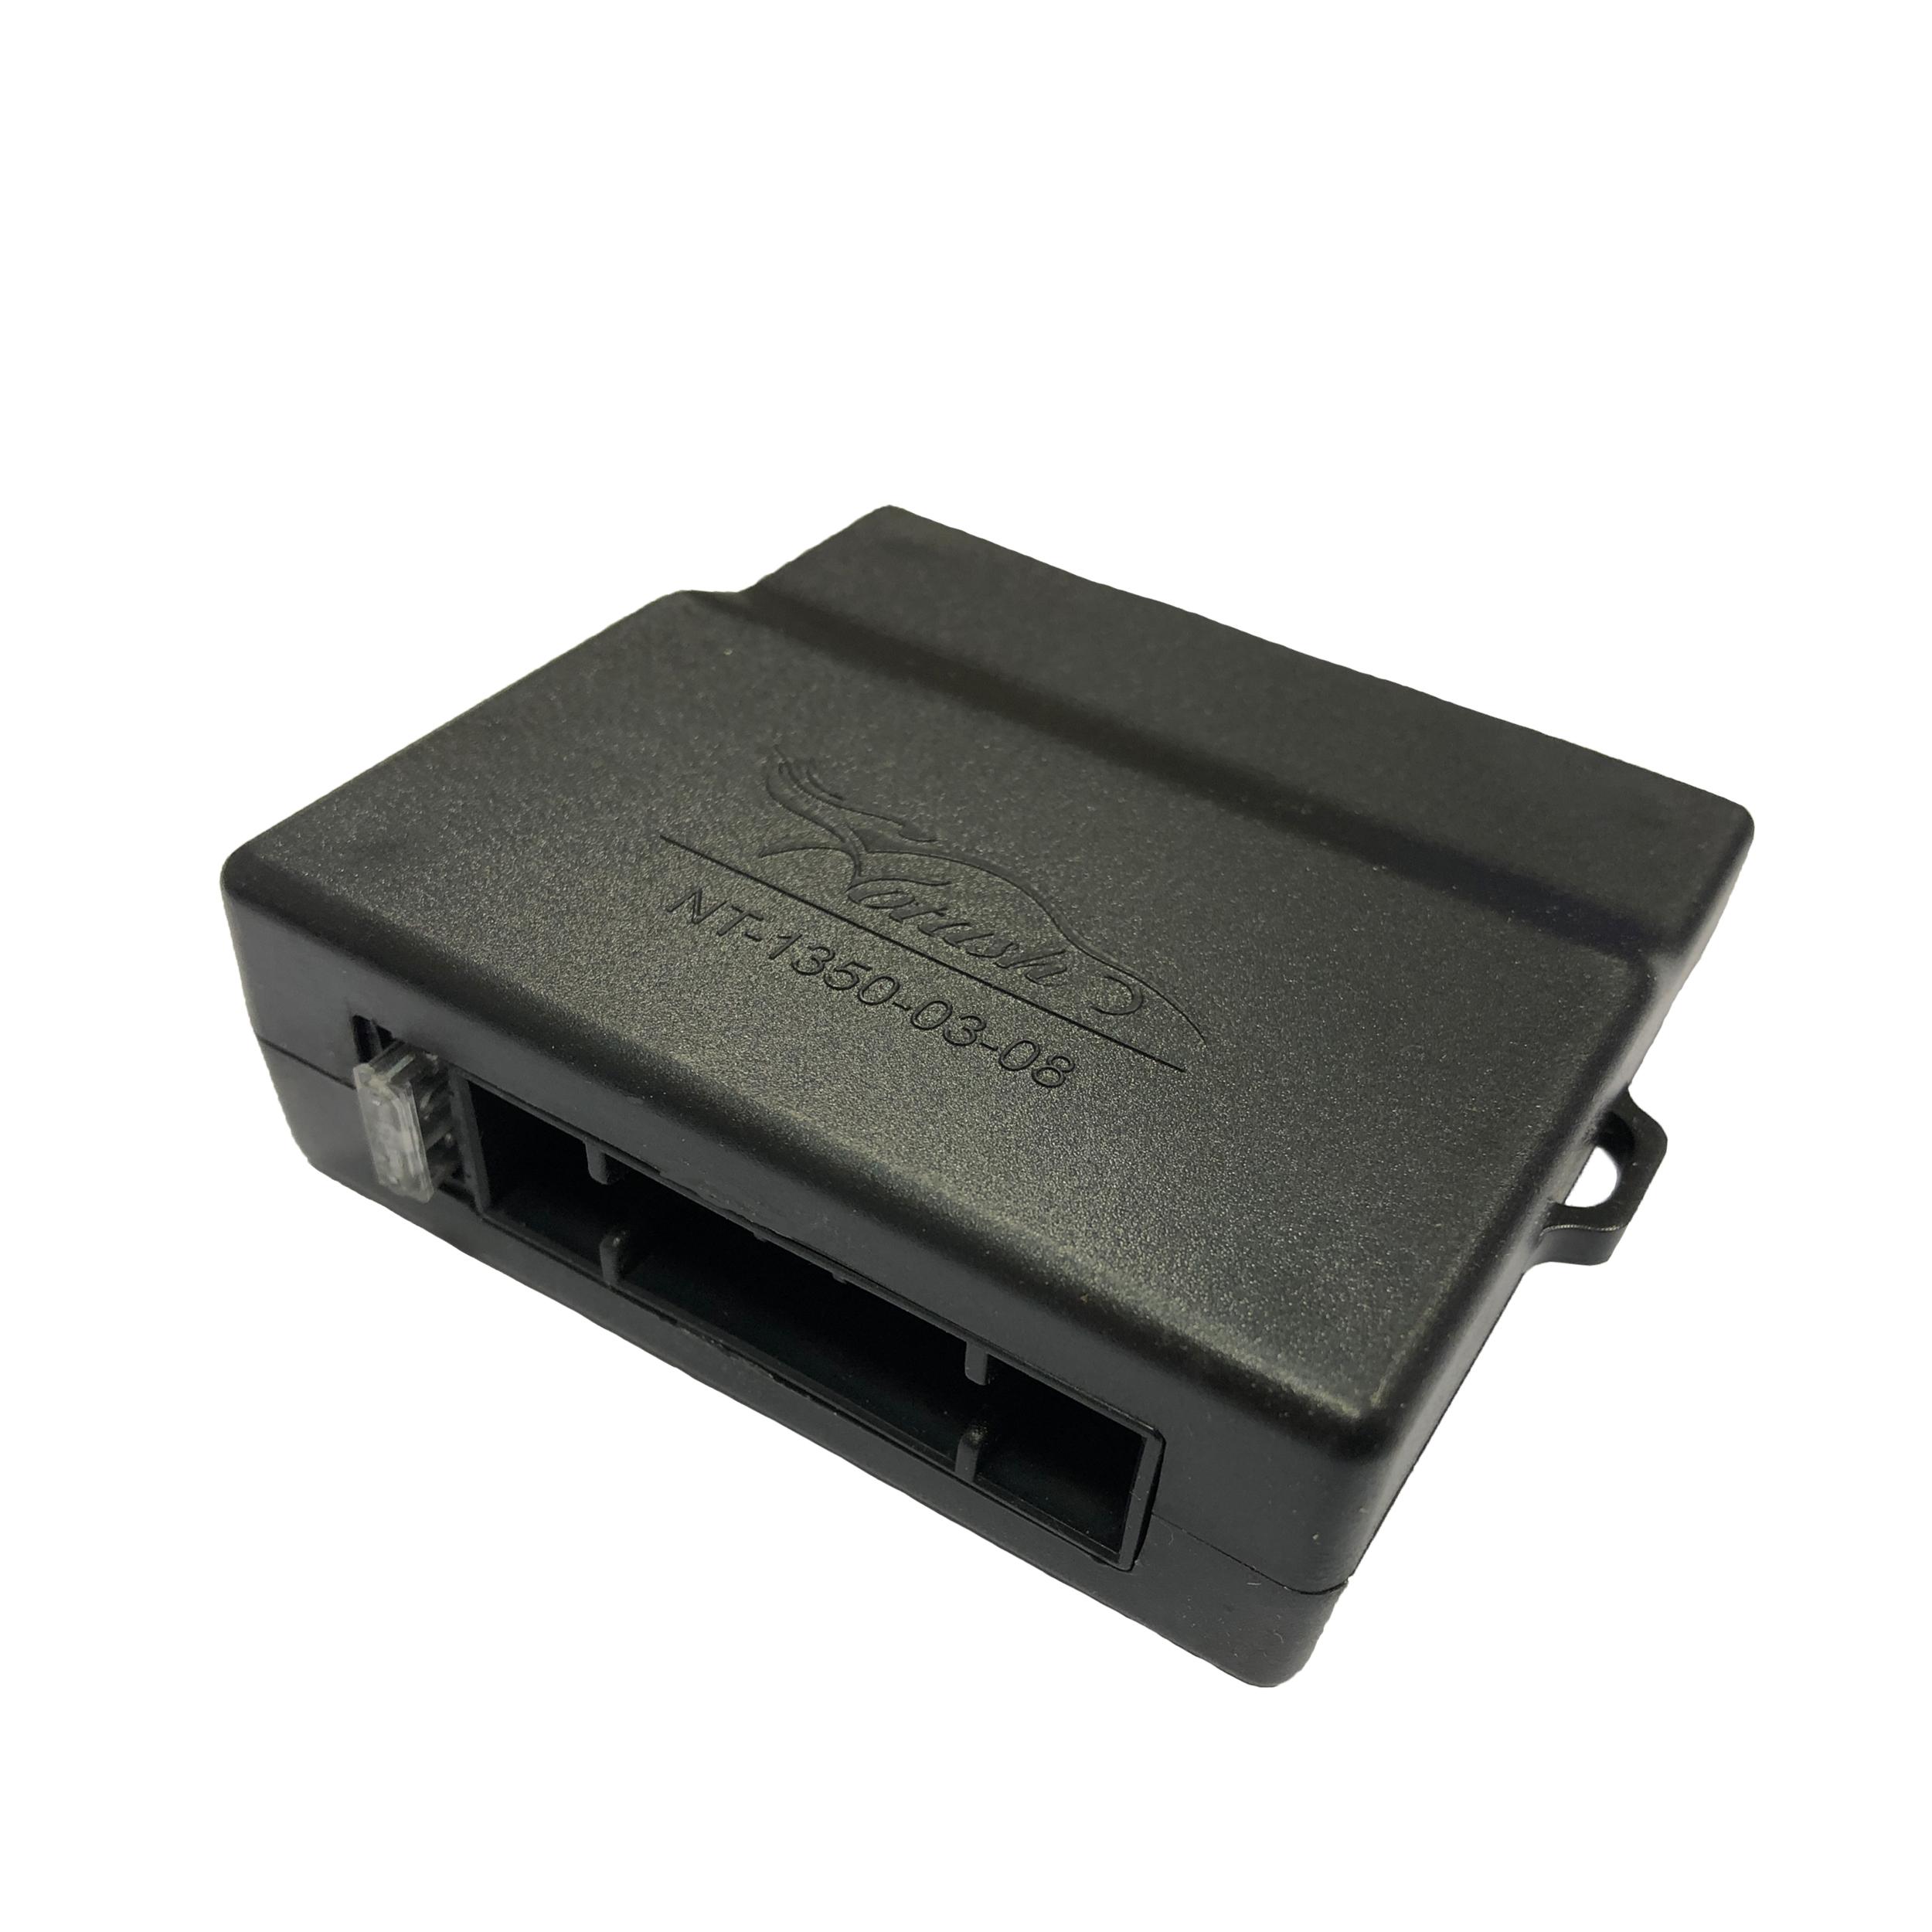 پاور ویندوز نوتاش مدل MuxPro مناسب برای پژو ۲۰۶ و ۲۰۷ تایپ B شرکت کروز